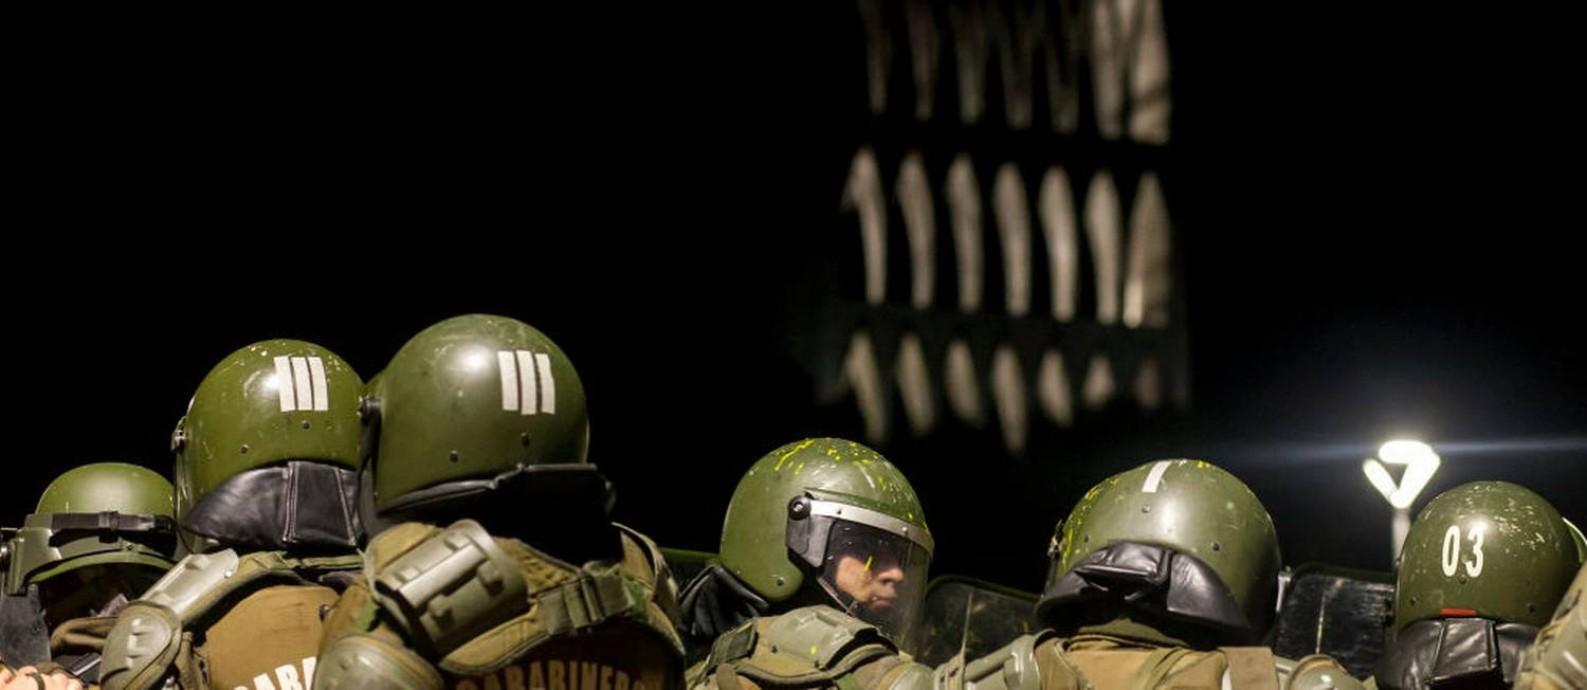 Militares chilenos em Osorno, durante protestos contra o presidente Piñera Foto: NurPhoto / Getty Images